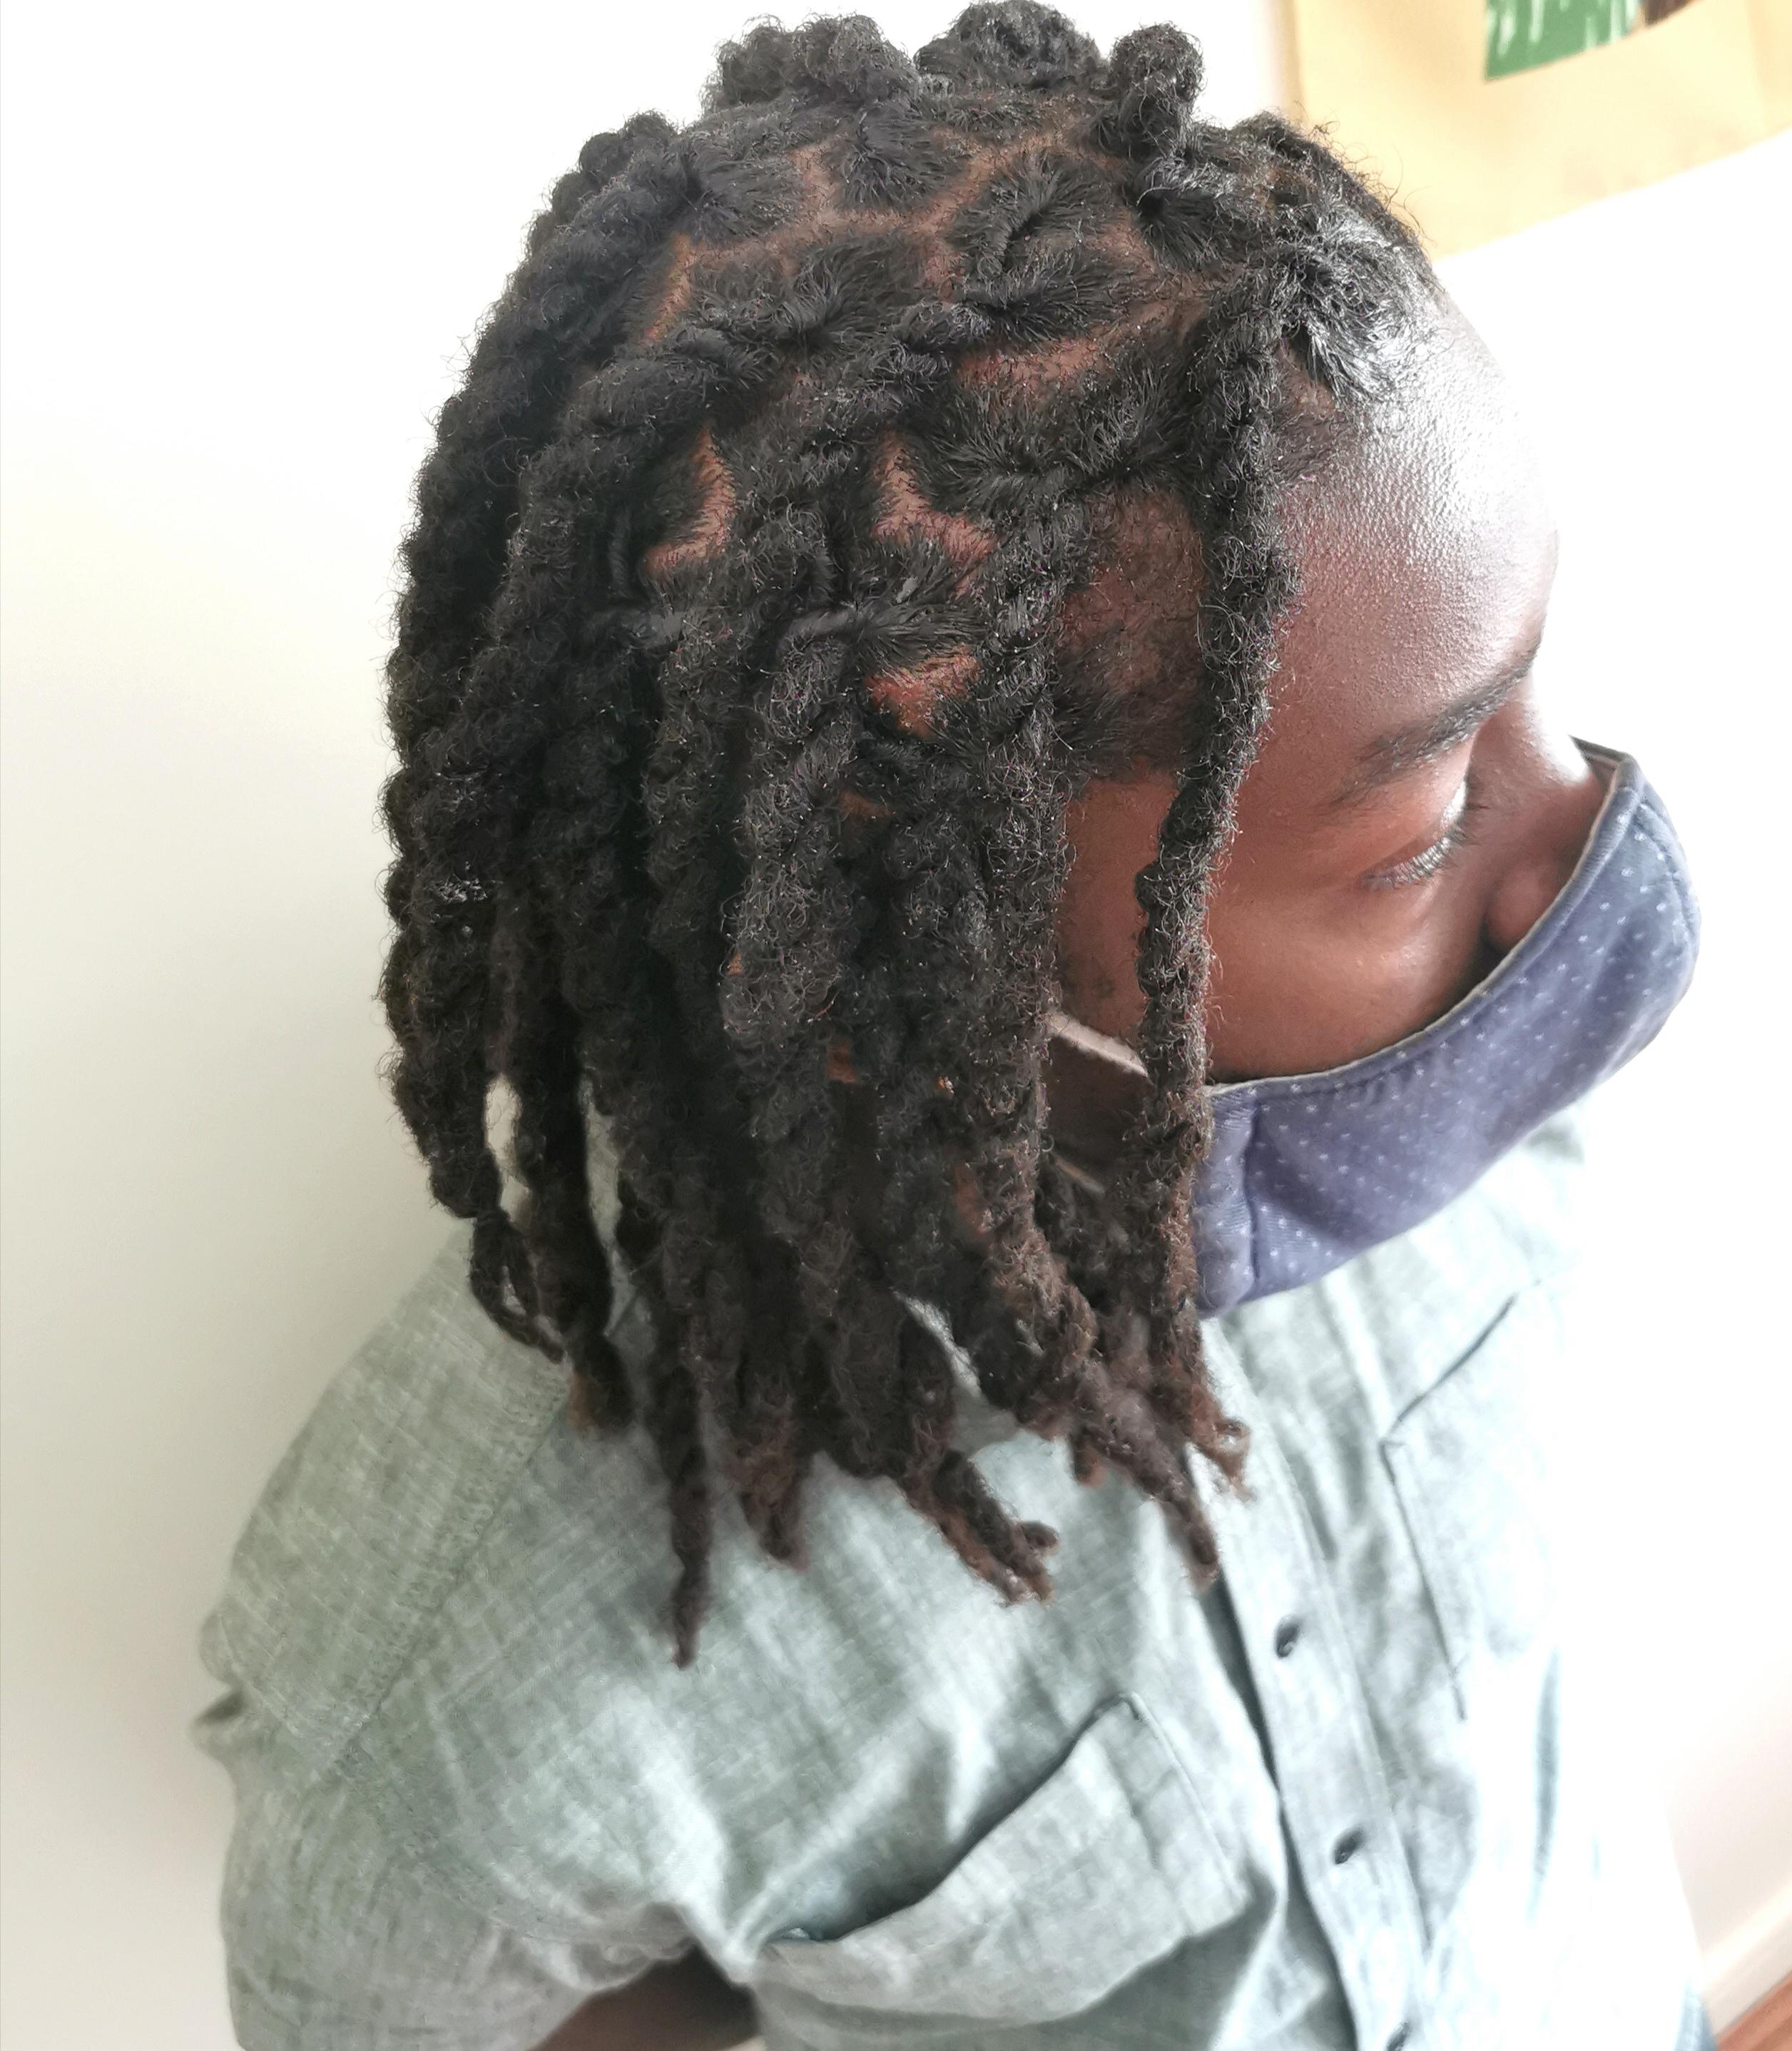 salon de coiffure afro tresse tresses box braids crochet braids vanilles tissages paris 75 77 78 91 92 93 94 95 XHZCRQVS